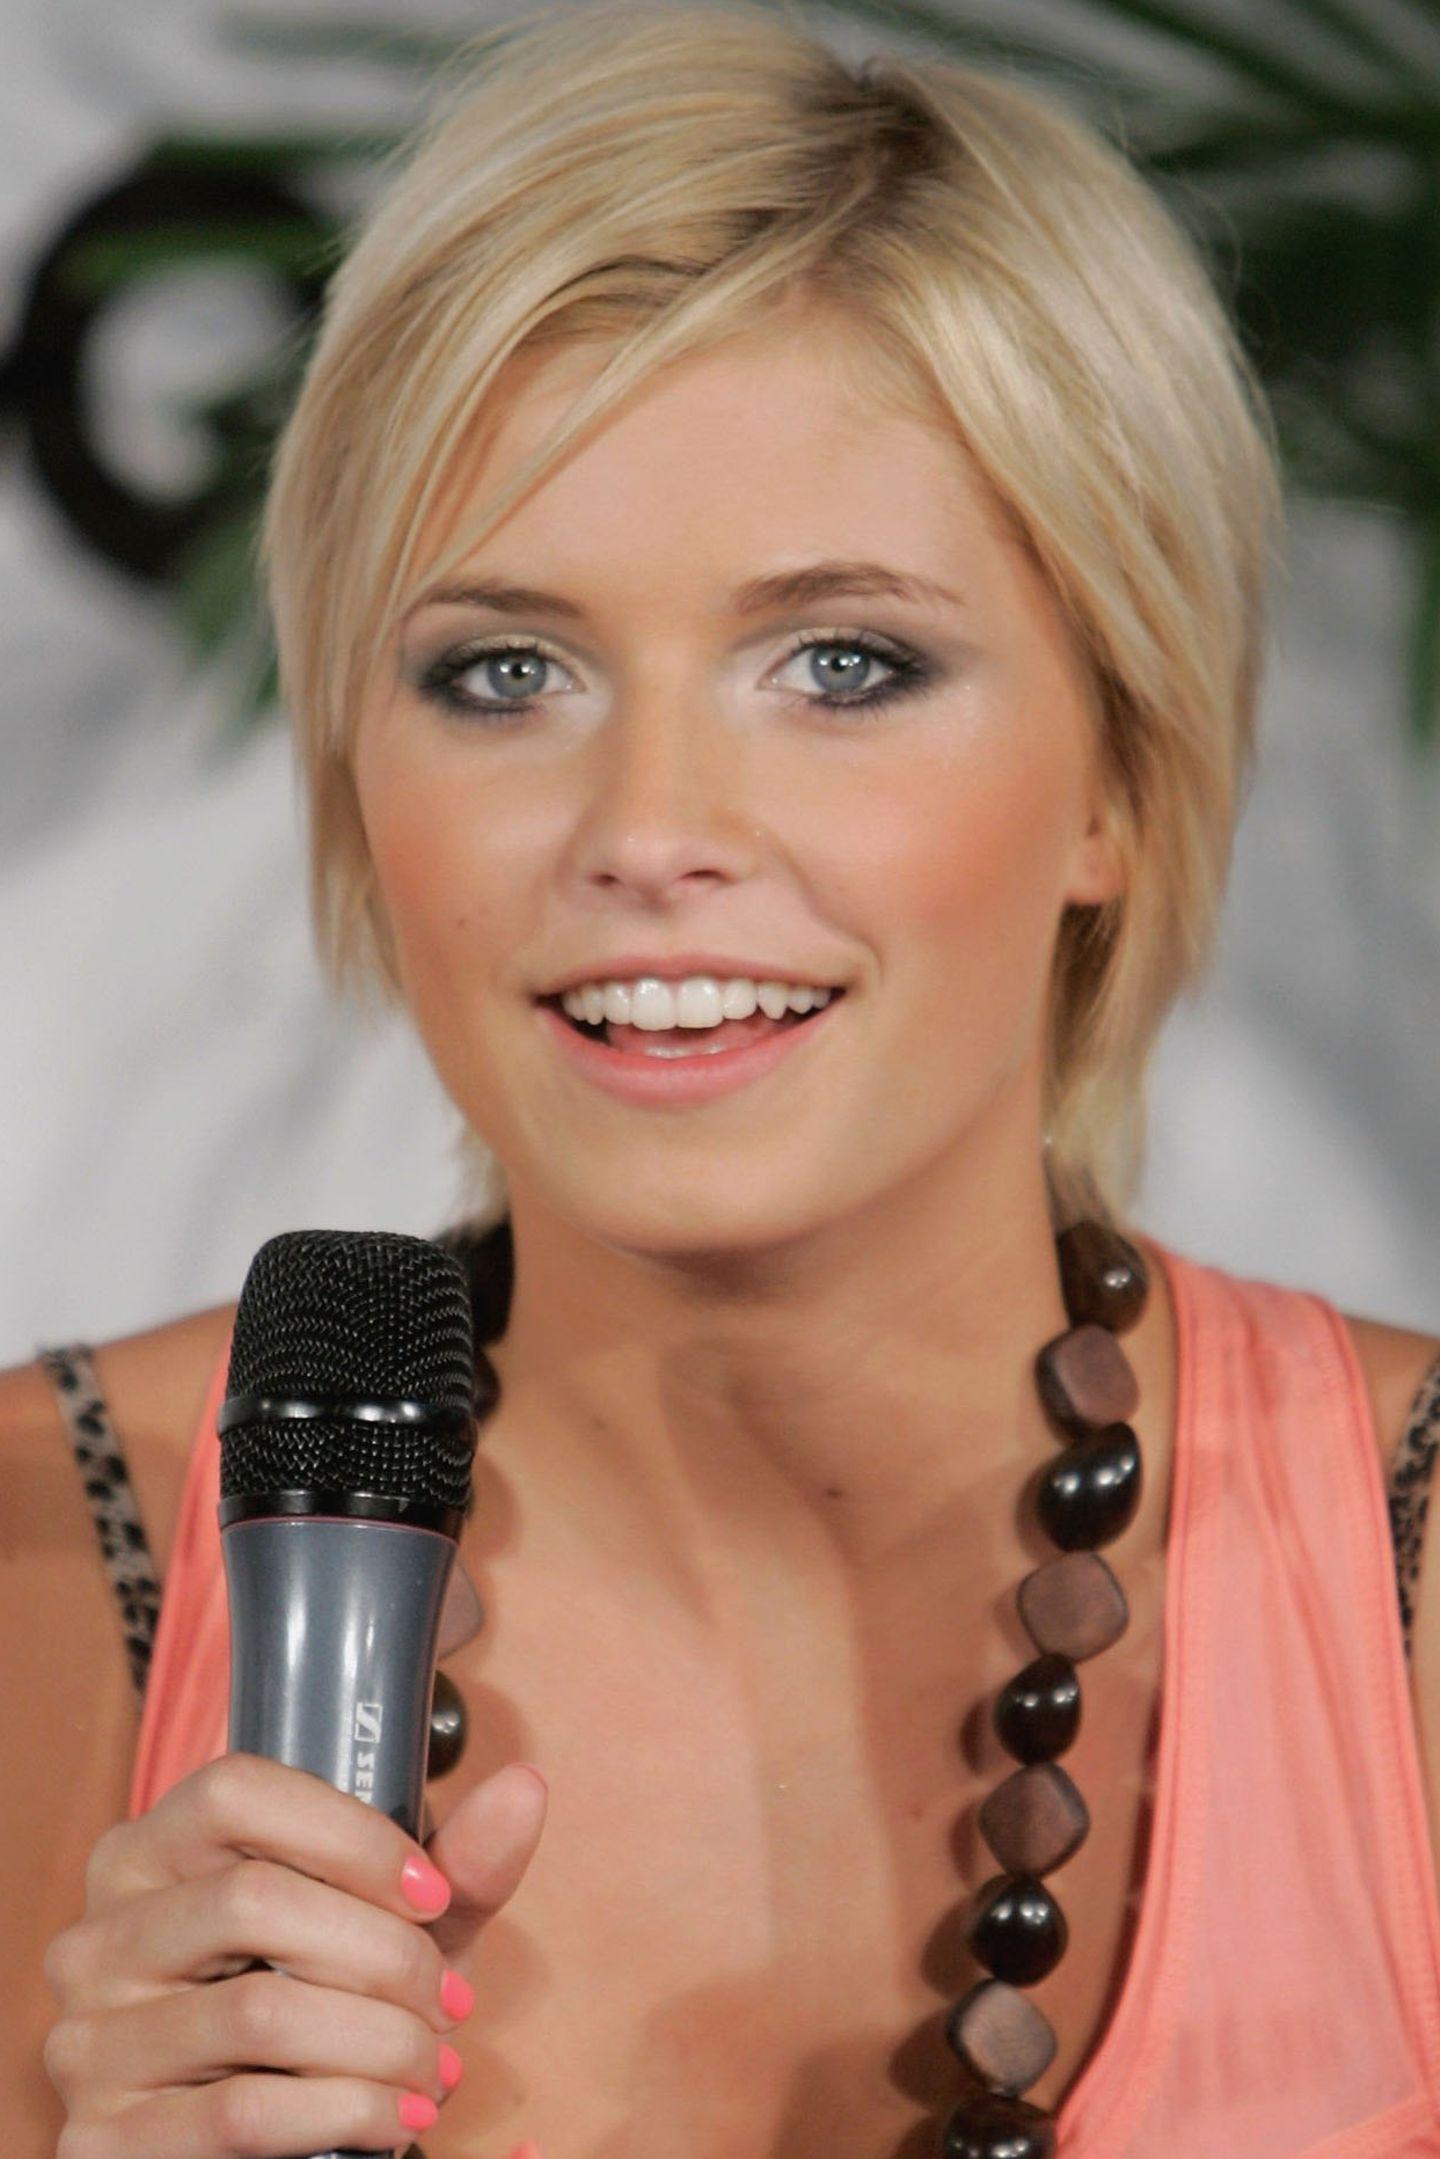 """2006  Gerade erst wurde Lena Gercke von Heidi Klum zu """"Germany's NextTopmodel"""" gekürt. Während der Show musste sie sich von ihrem langen Haar verabschieden. Heidi verpasste ihr einen Kurzhaarschnitt, den sie nun trägt."""